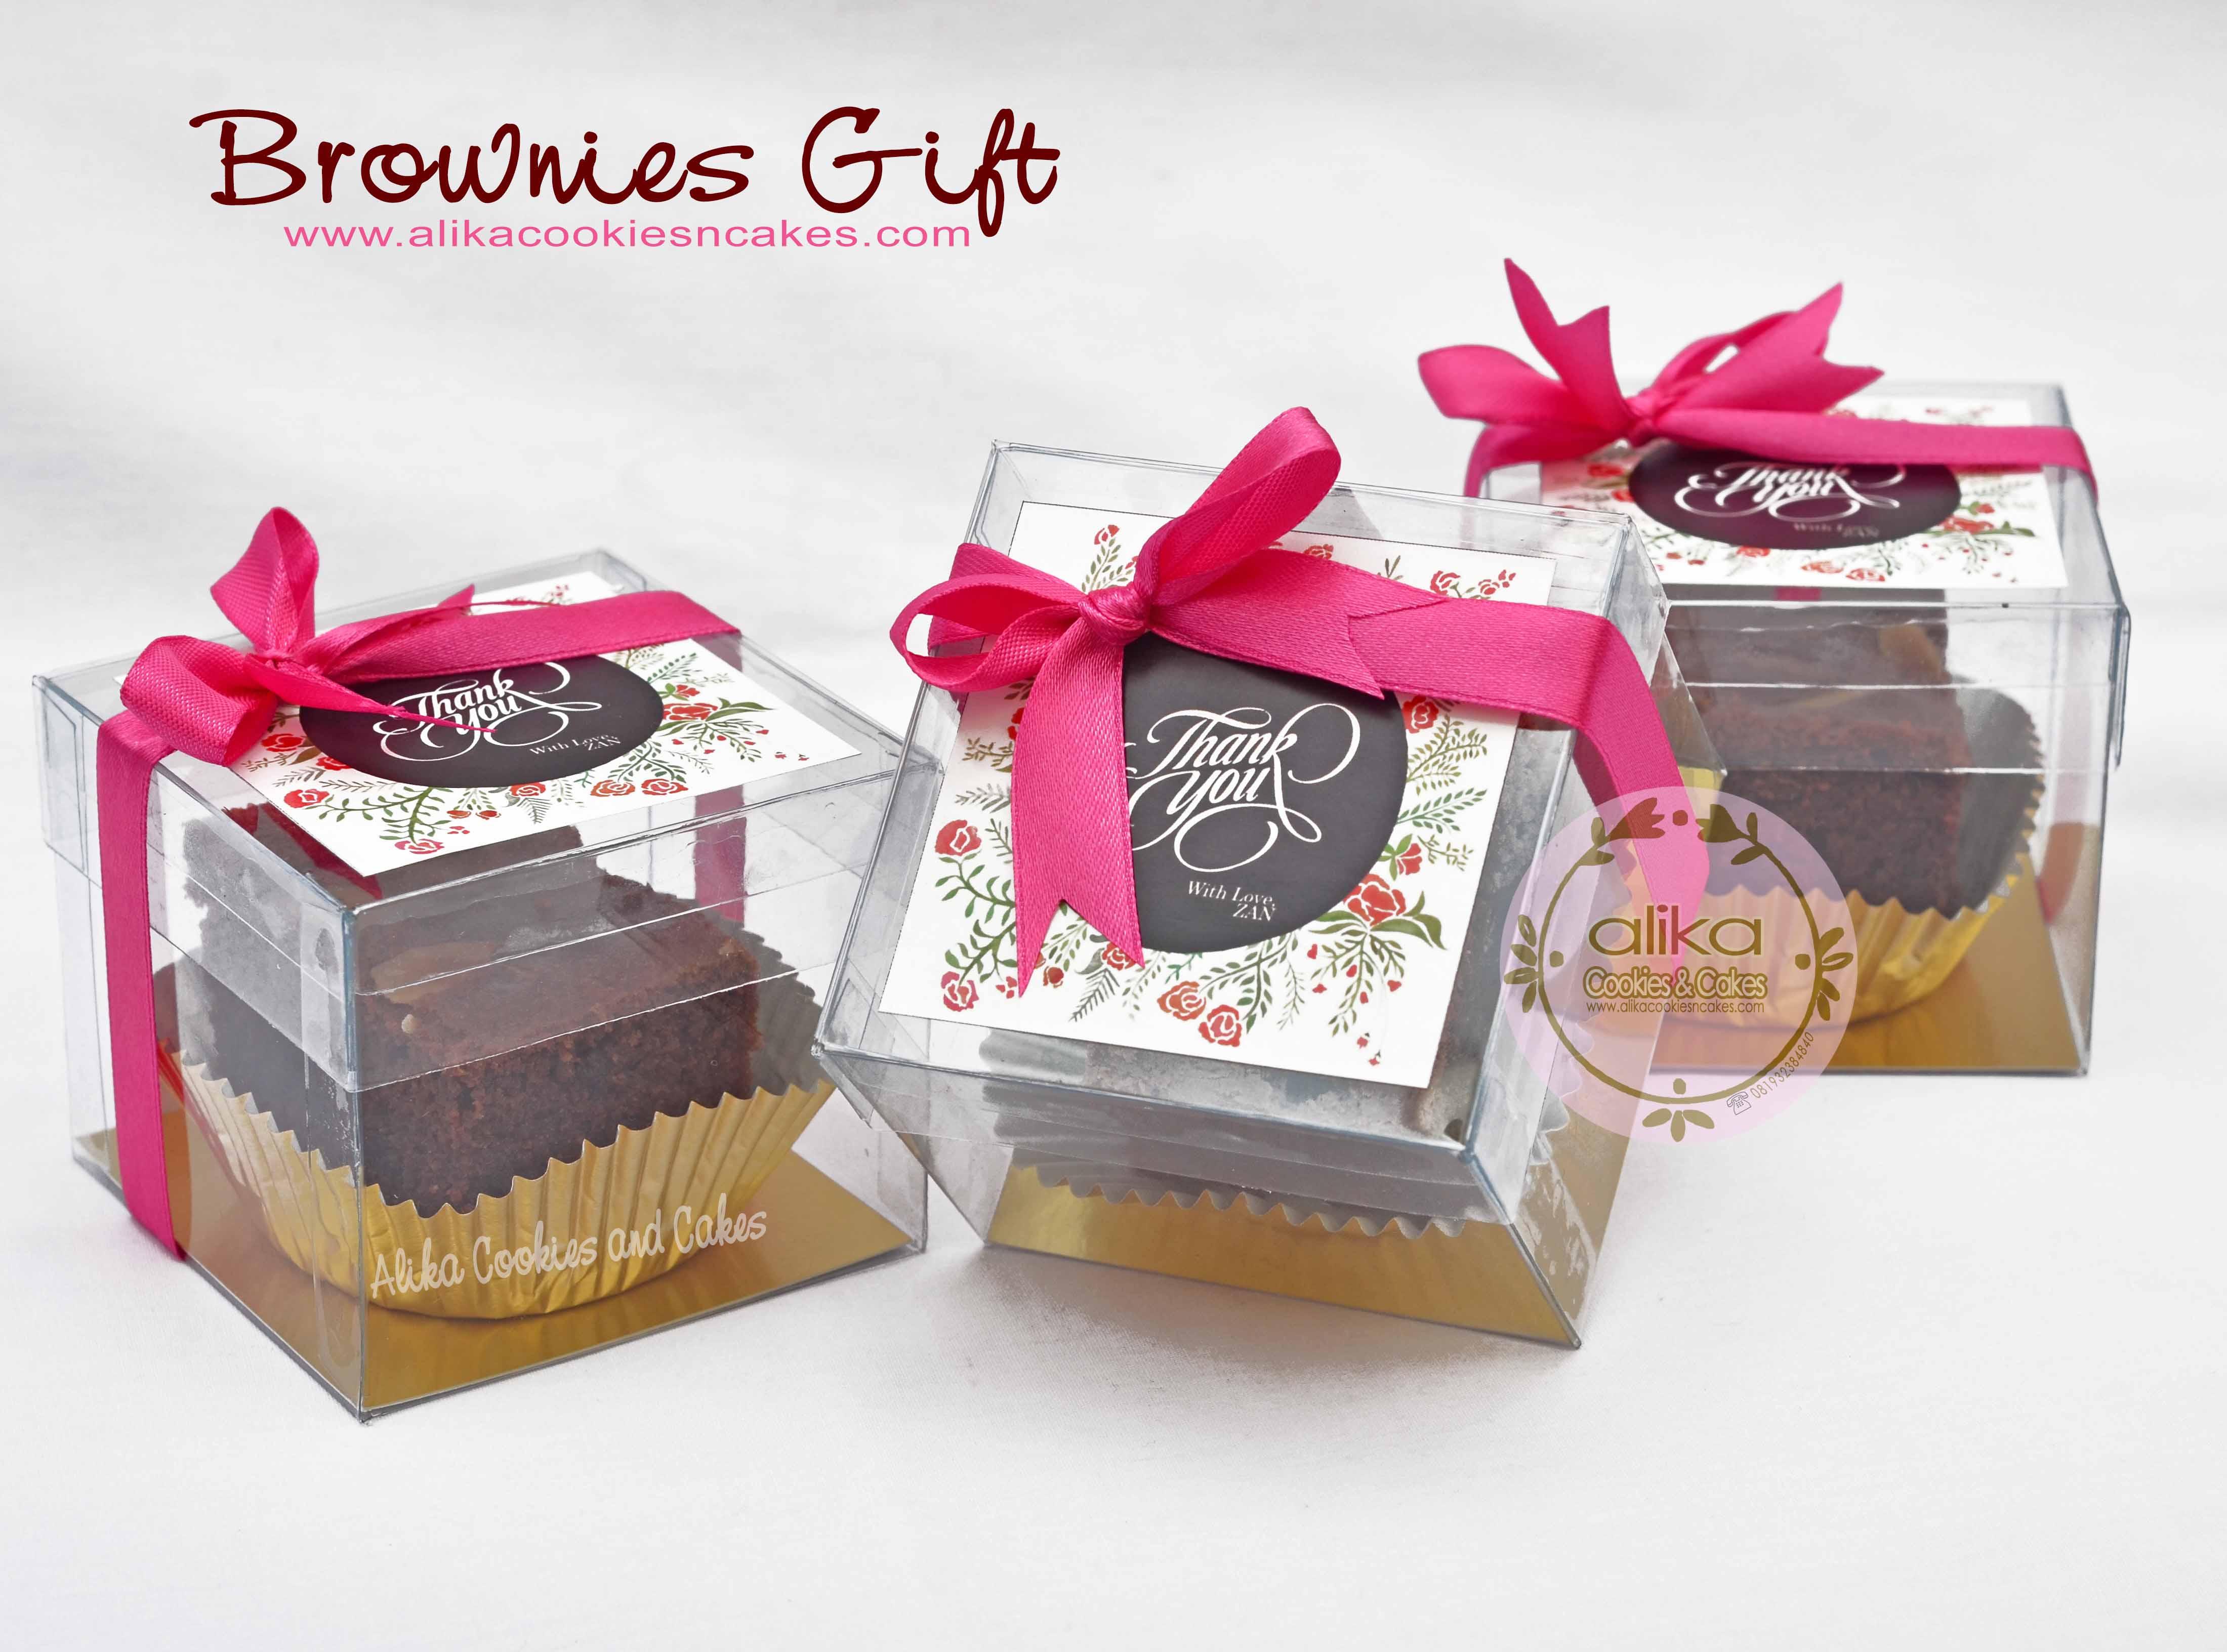 Brownies_Gift.jpg